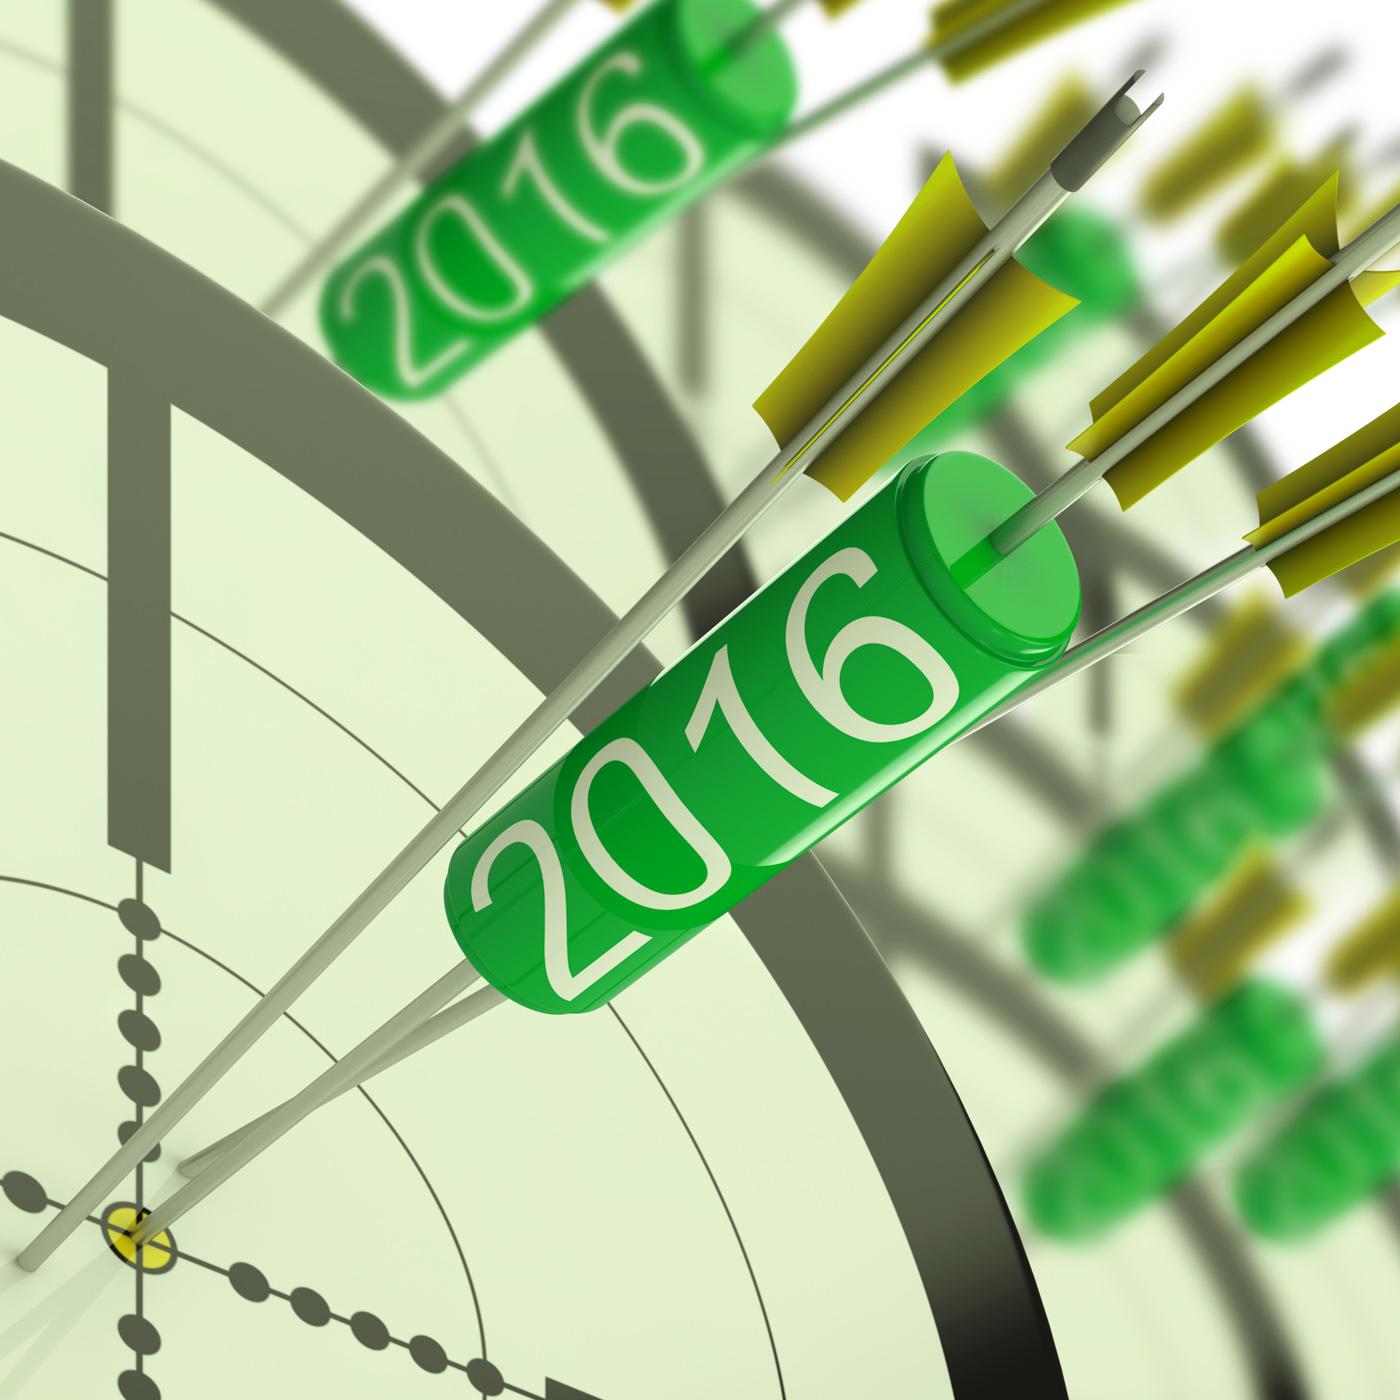 2016 Accurate Dart Target Shows Successful Future, 2016, Plan, Successful, Success, HQ Photo